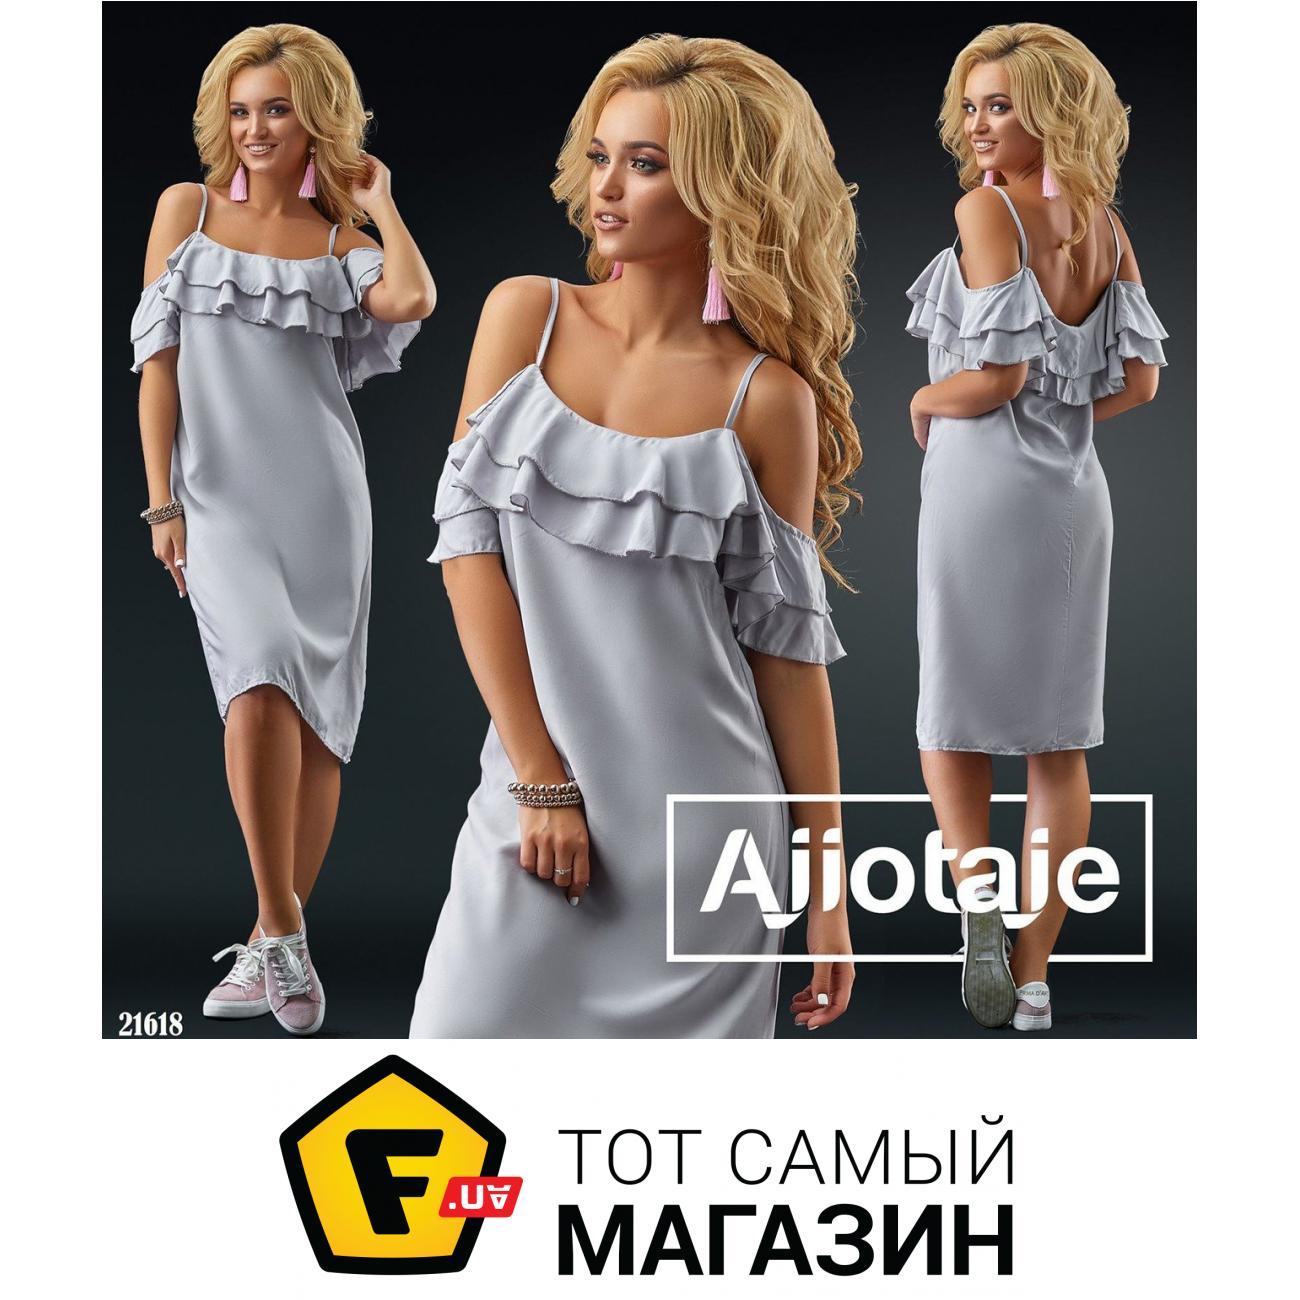 2a0b52e2347 ᐈ AJIOTAJE Платье с воланами на бретельках 21618 светло-серое ...